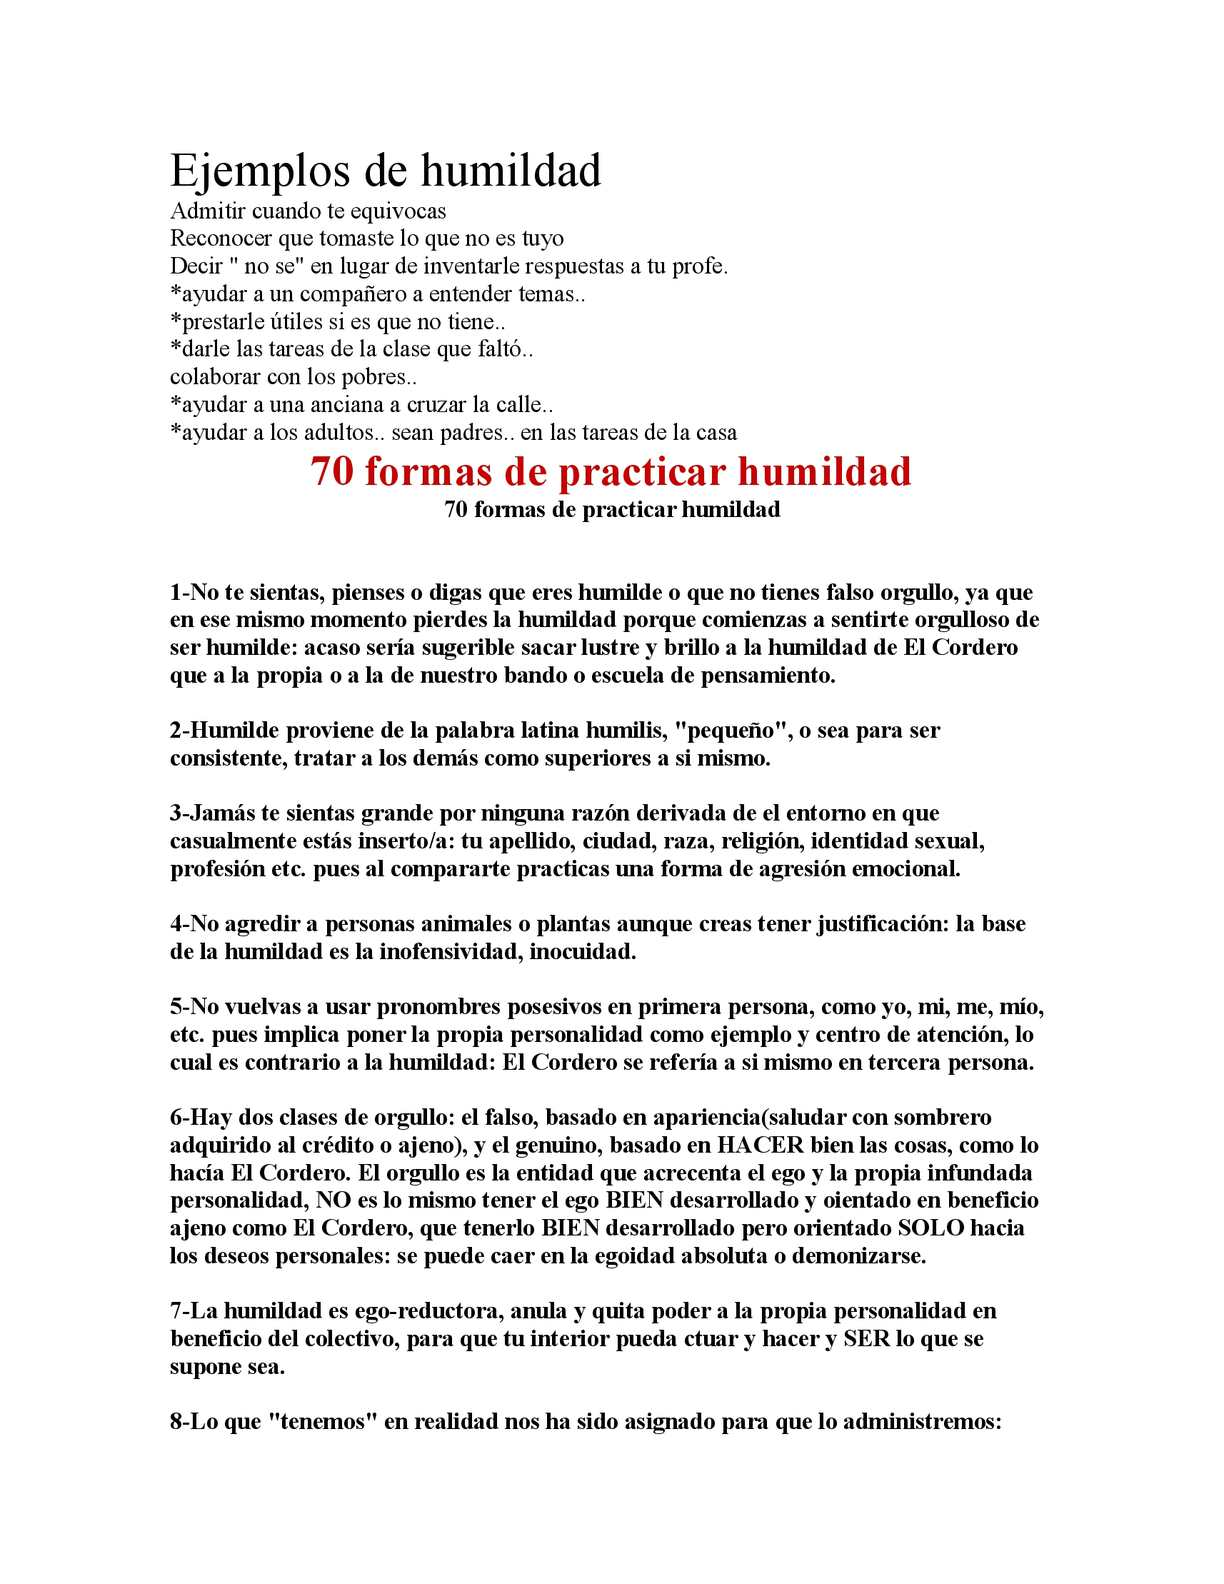 Calaméo Ejemplo De Humildad